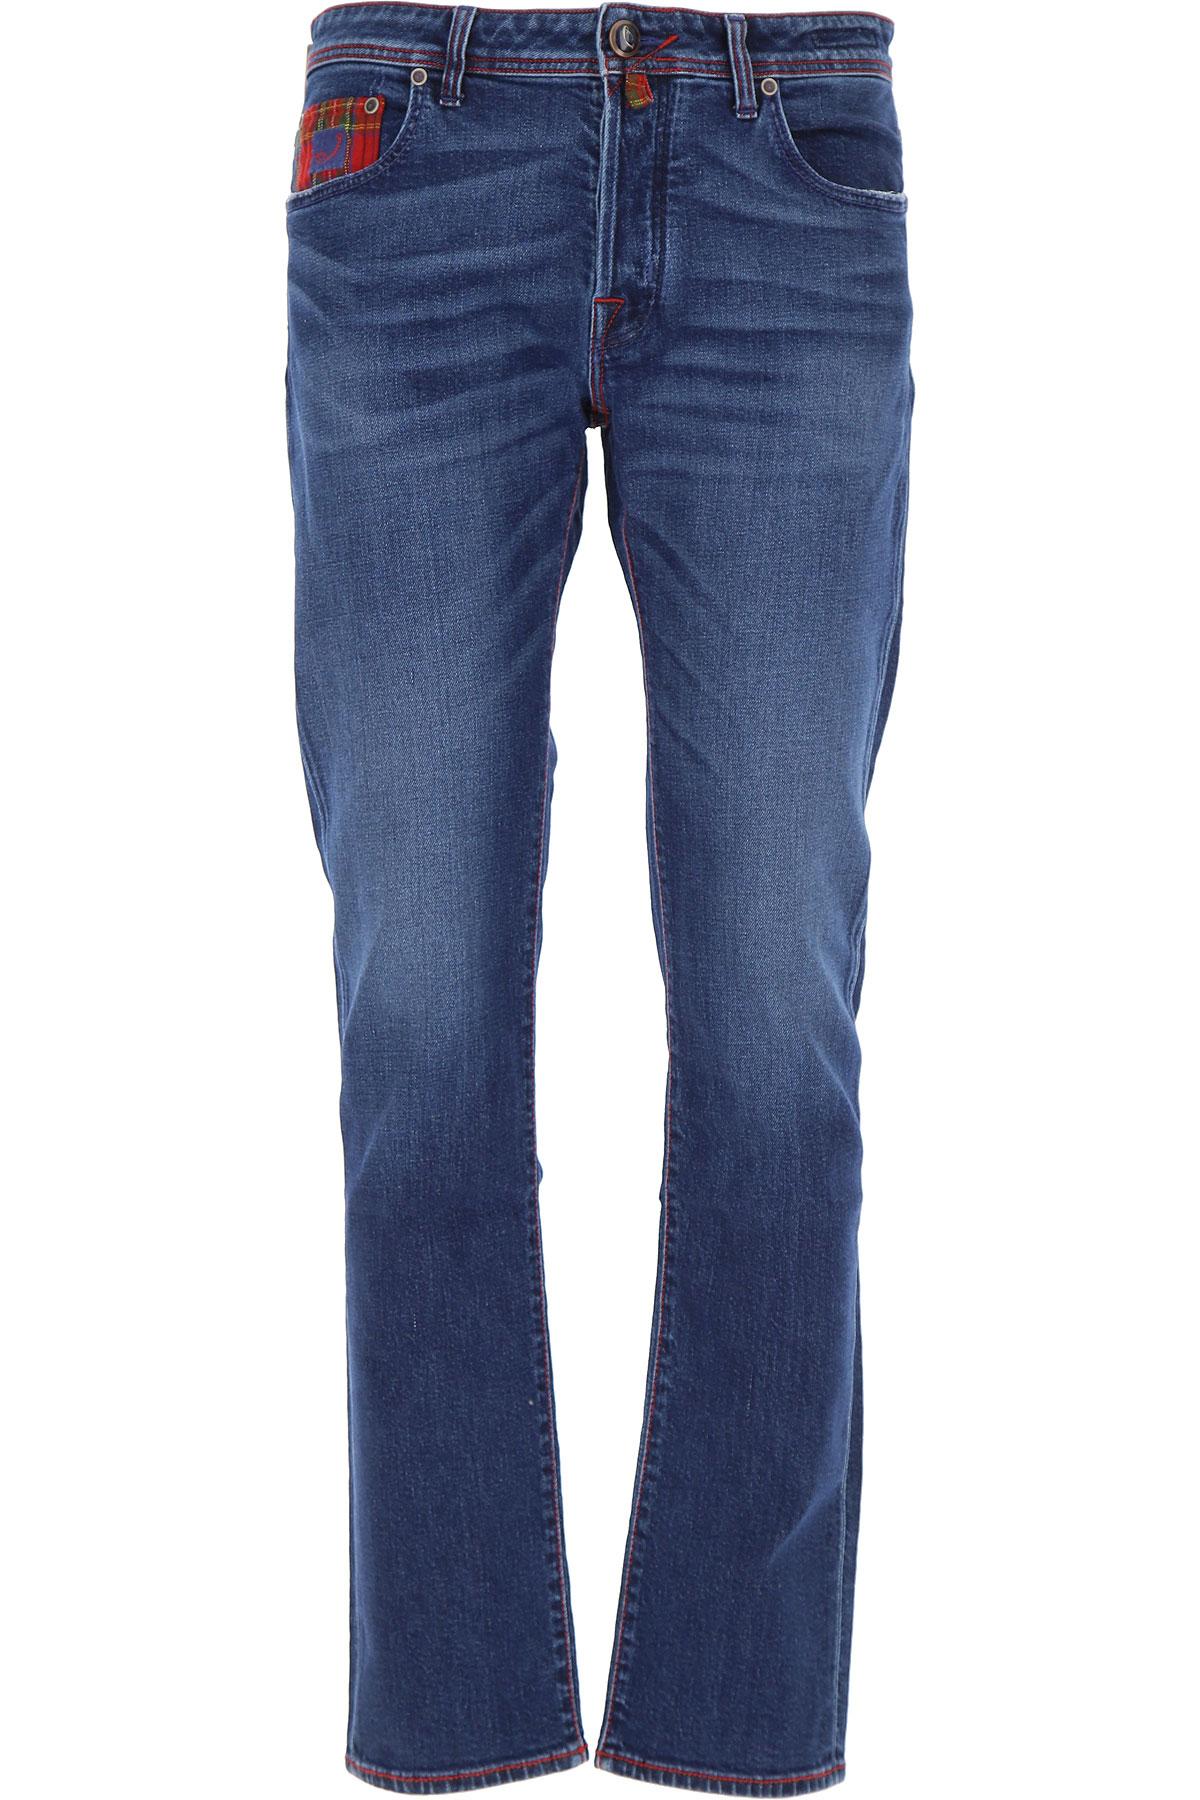 Jacob Cohen Jeans On Sale, Blue Denim, Cotton, 2019, 32 35